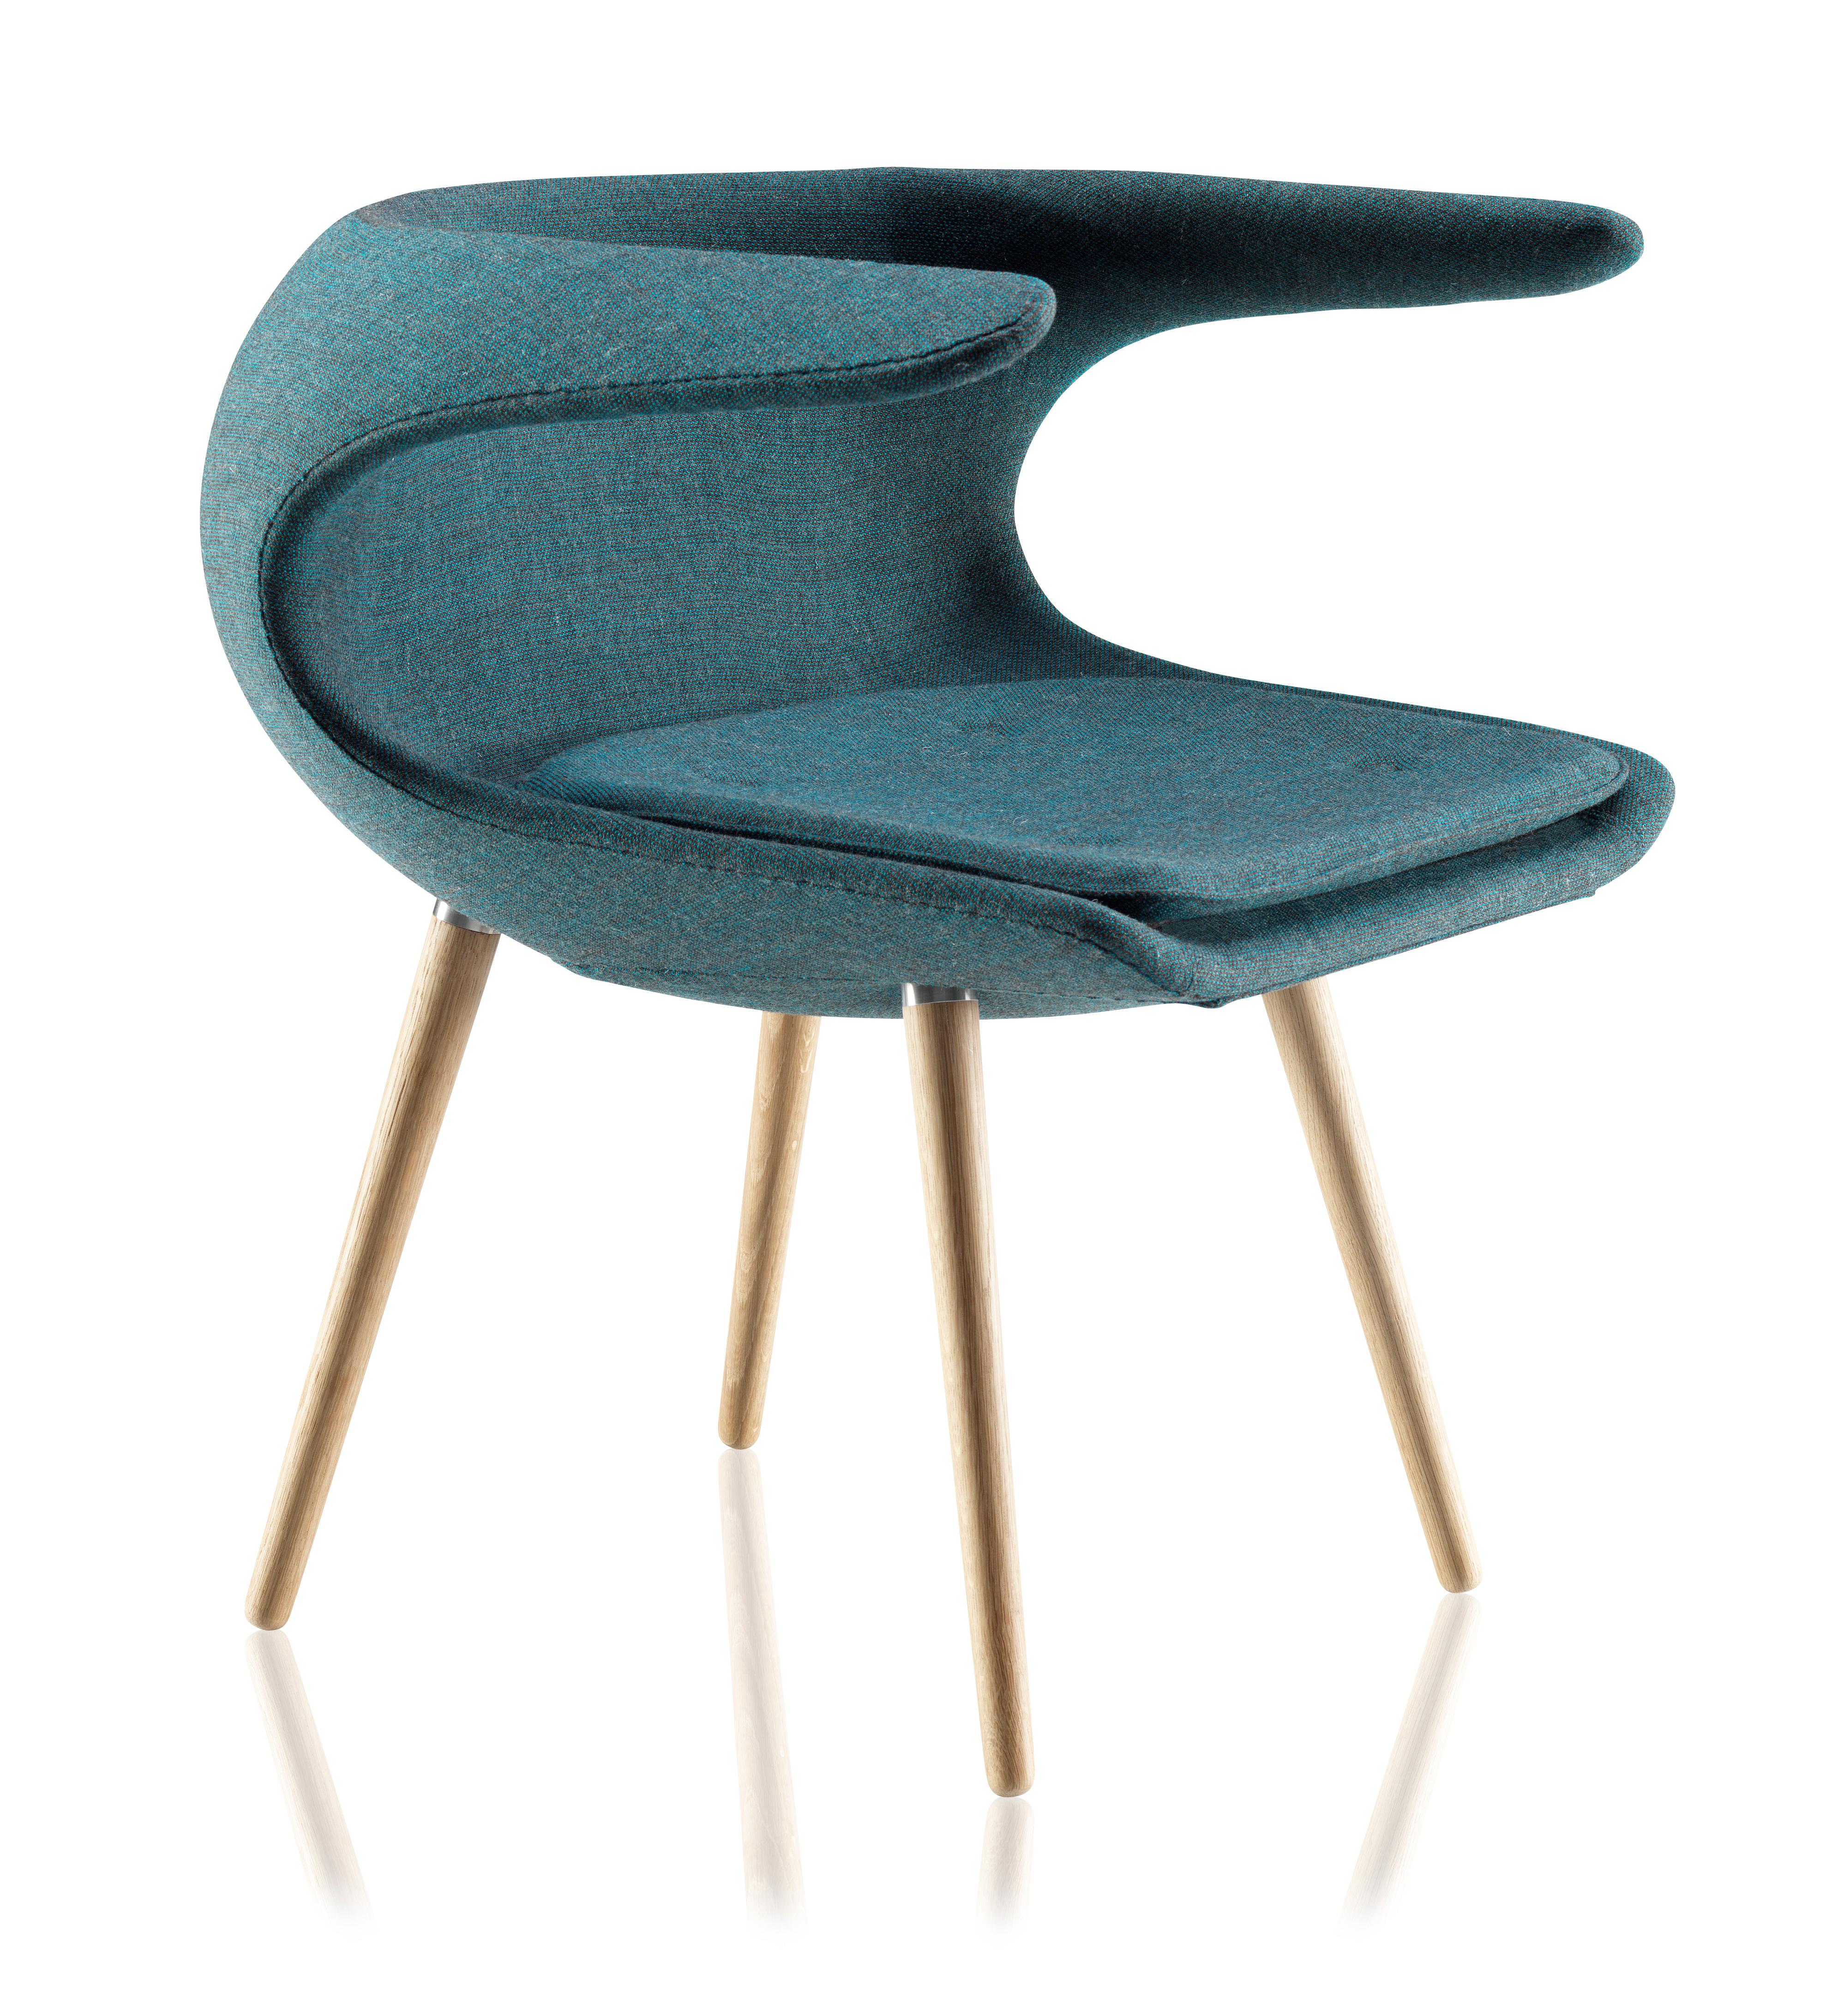 Tillbaka till 50 talet ‹ dansk inredning och design